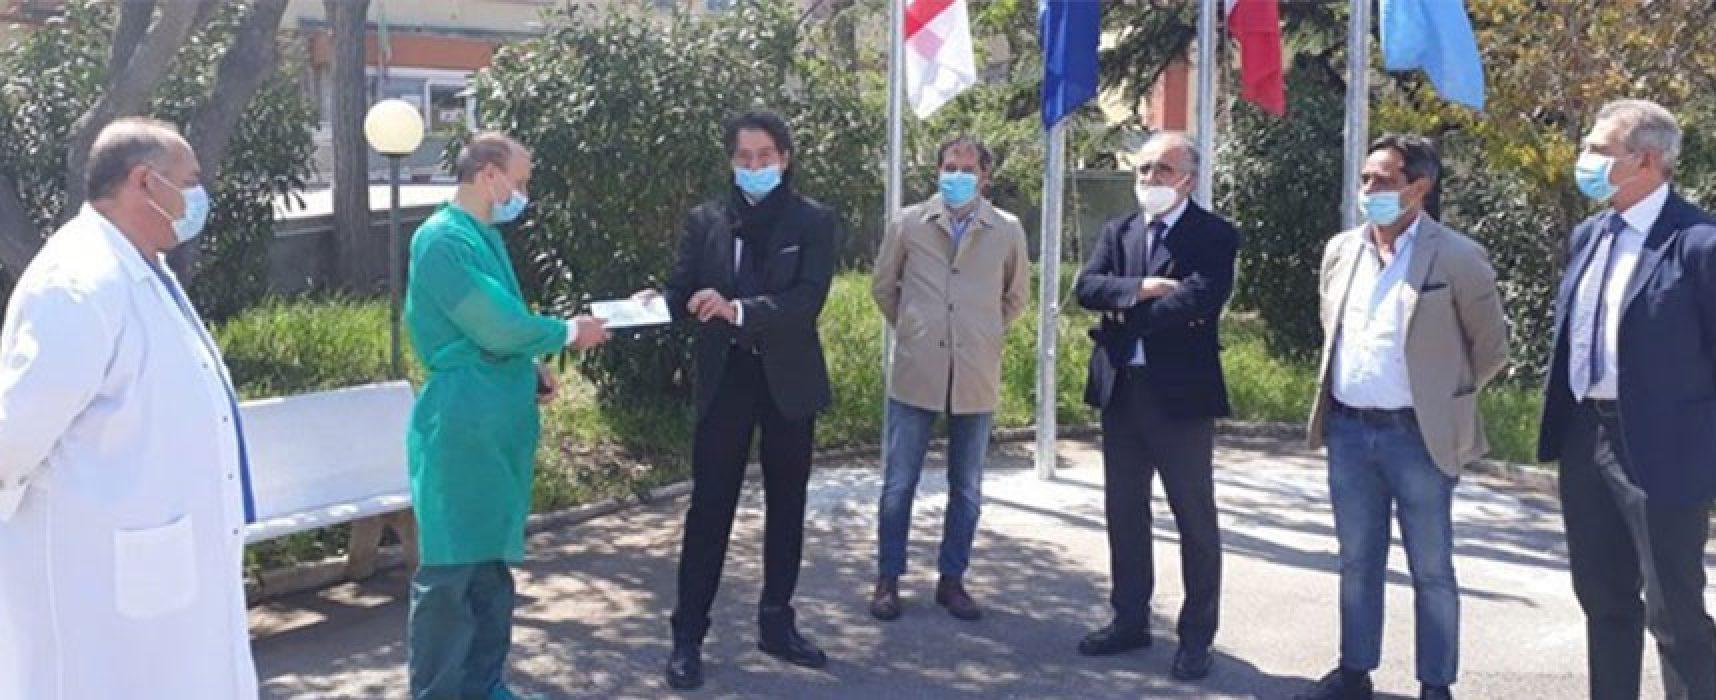 """Associazione """"Andiamo in ordine"""": donati 4mila euro all'ospedale di Bisceglie"""